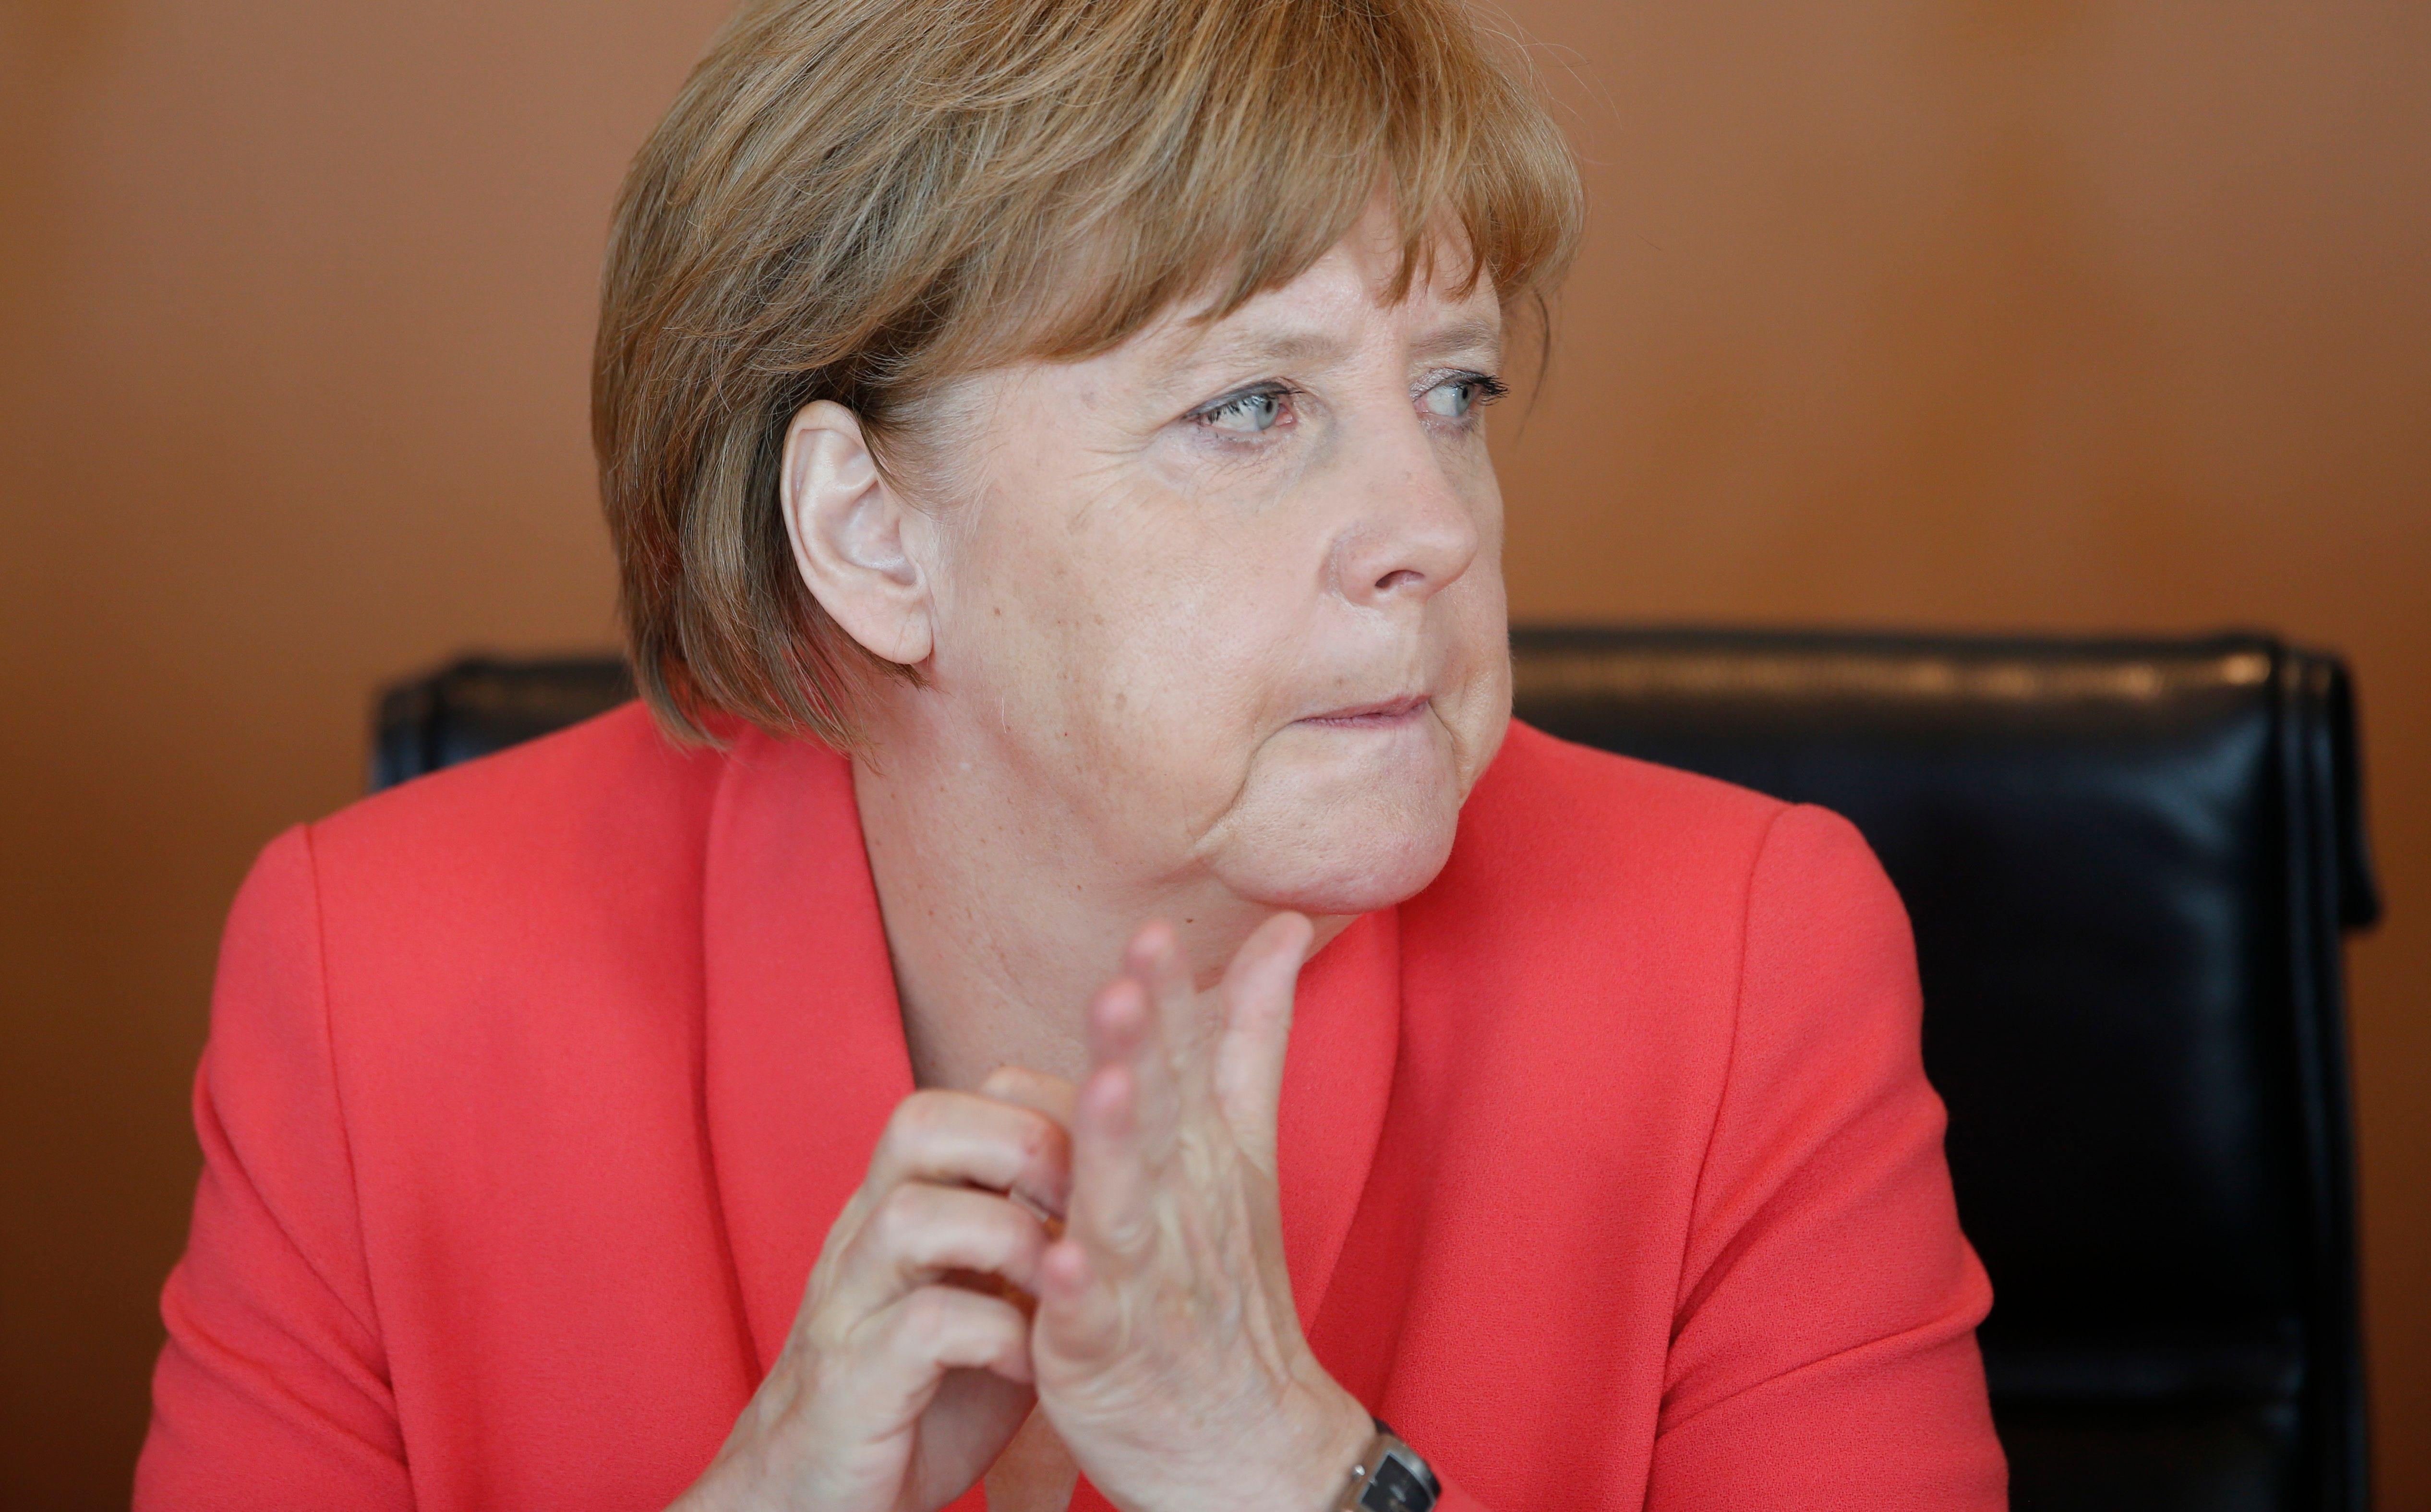 Prix Nobel de la Paix : Angela Merkel grande favorite pour son rôle dans la crise ukrainienne et en faveur des réfugiés